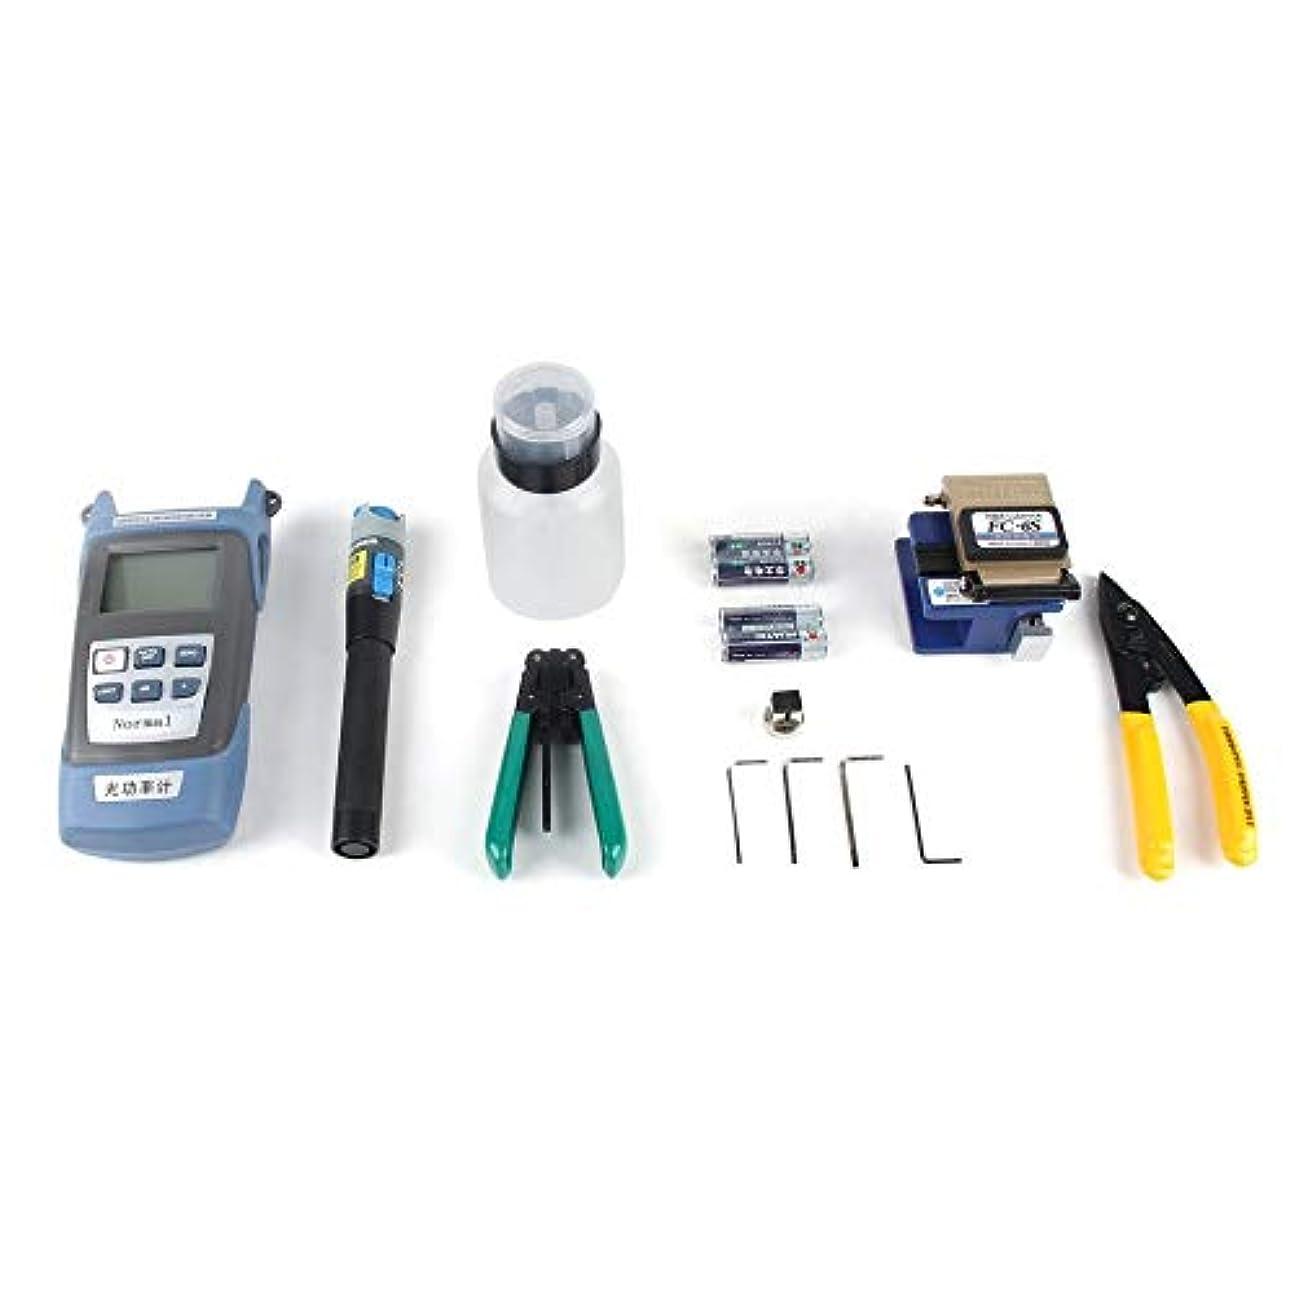 ばかコンチネンタルユーザー光ファイバー冷却ツールセット革ワイヤー光ケーブル光パワーメーター赤ライトペンストリッパーカッターツールボックス